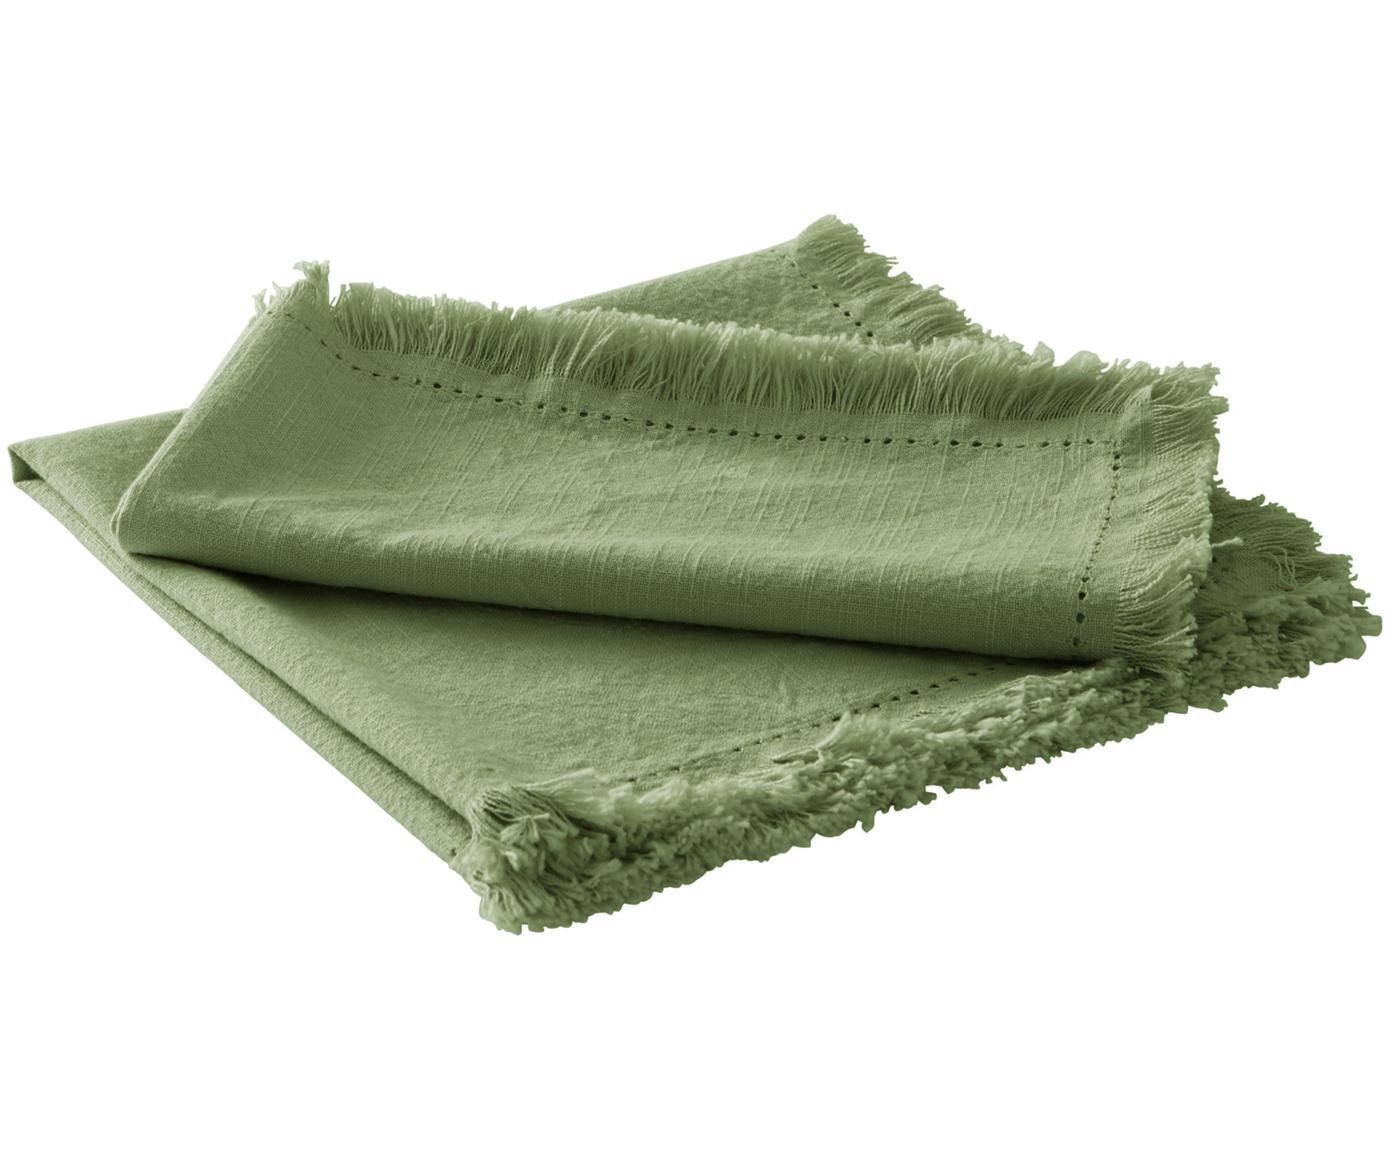 Serwetka z bawełny z frędzlami Hilma, 2 szt., Bawełna, Oliwkowy zielony, S 45 cm x D 45 cm